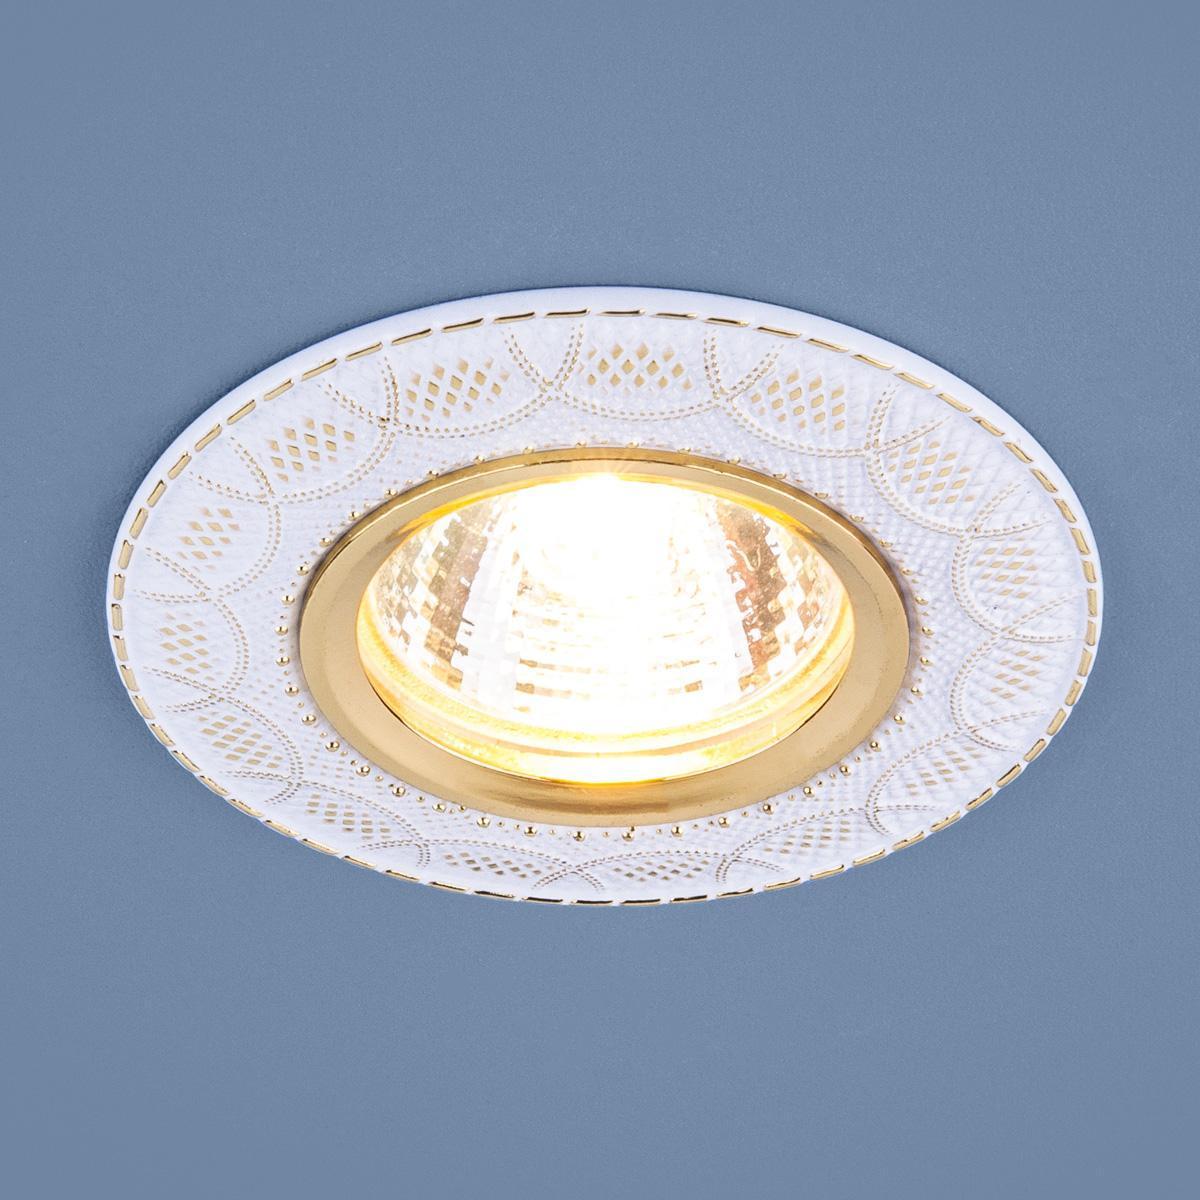 Встраиваемый светильник Elektrostandard 7010 MR16 WH/GD белый/золото 4690389099250 светильник встраиваемый акцент 16001ba жемчужное золото золото